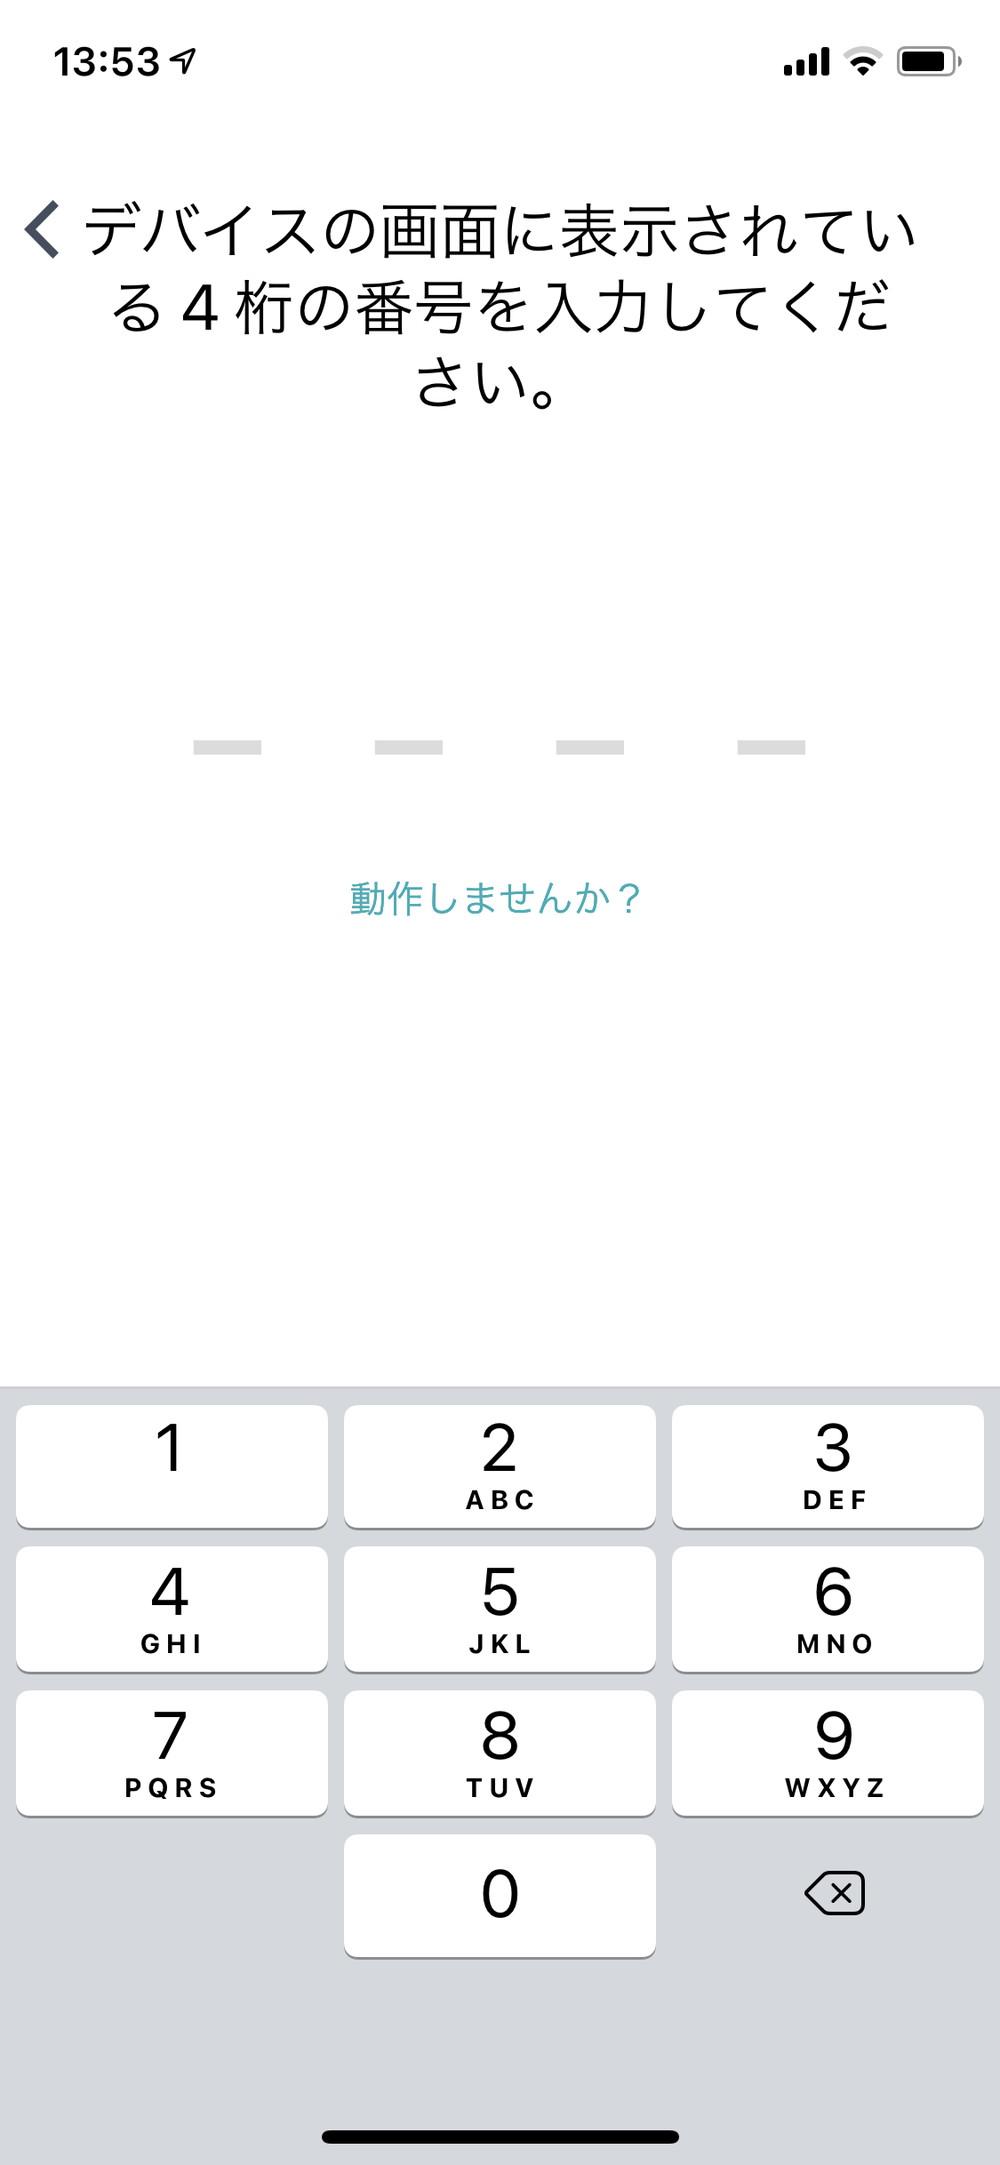 Fitbit デバイスの番号に表示されている4桁の番号を入力してください。